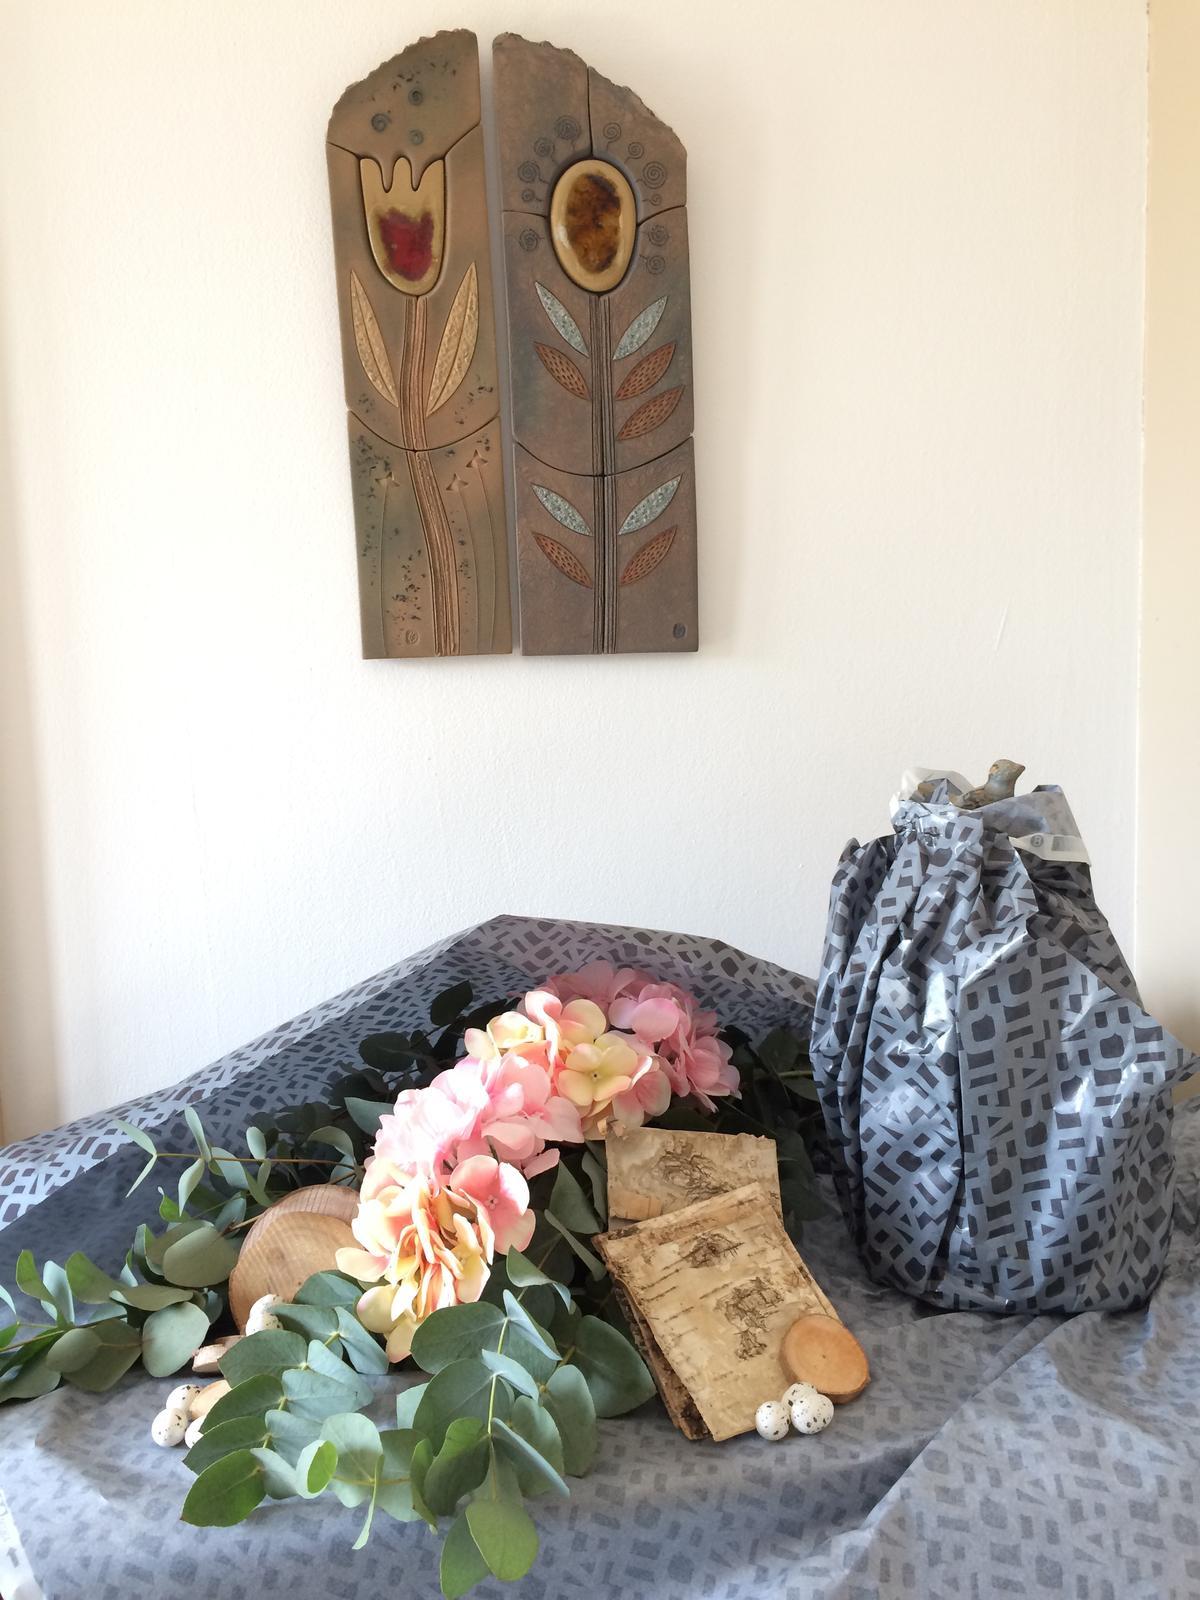 Dekorace z květin Pro radost - ... a to jsem se šla jenom mrknout do květinářství, které zavírá a má výprodej ...